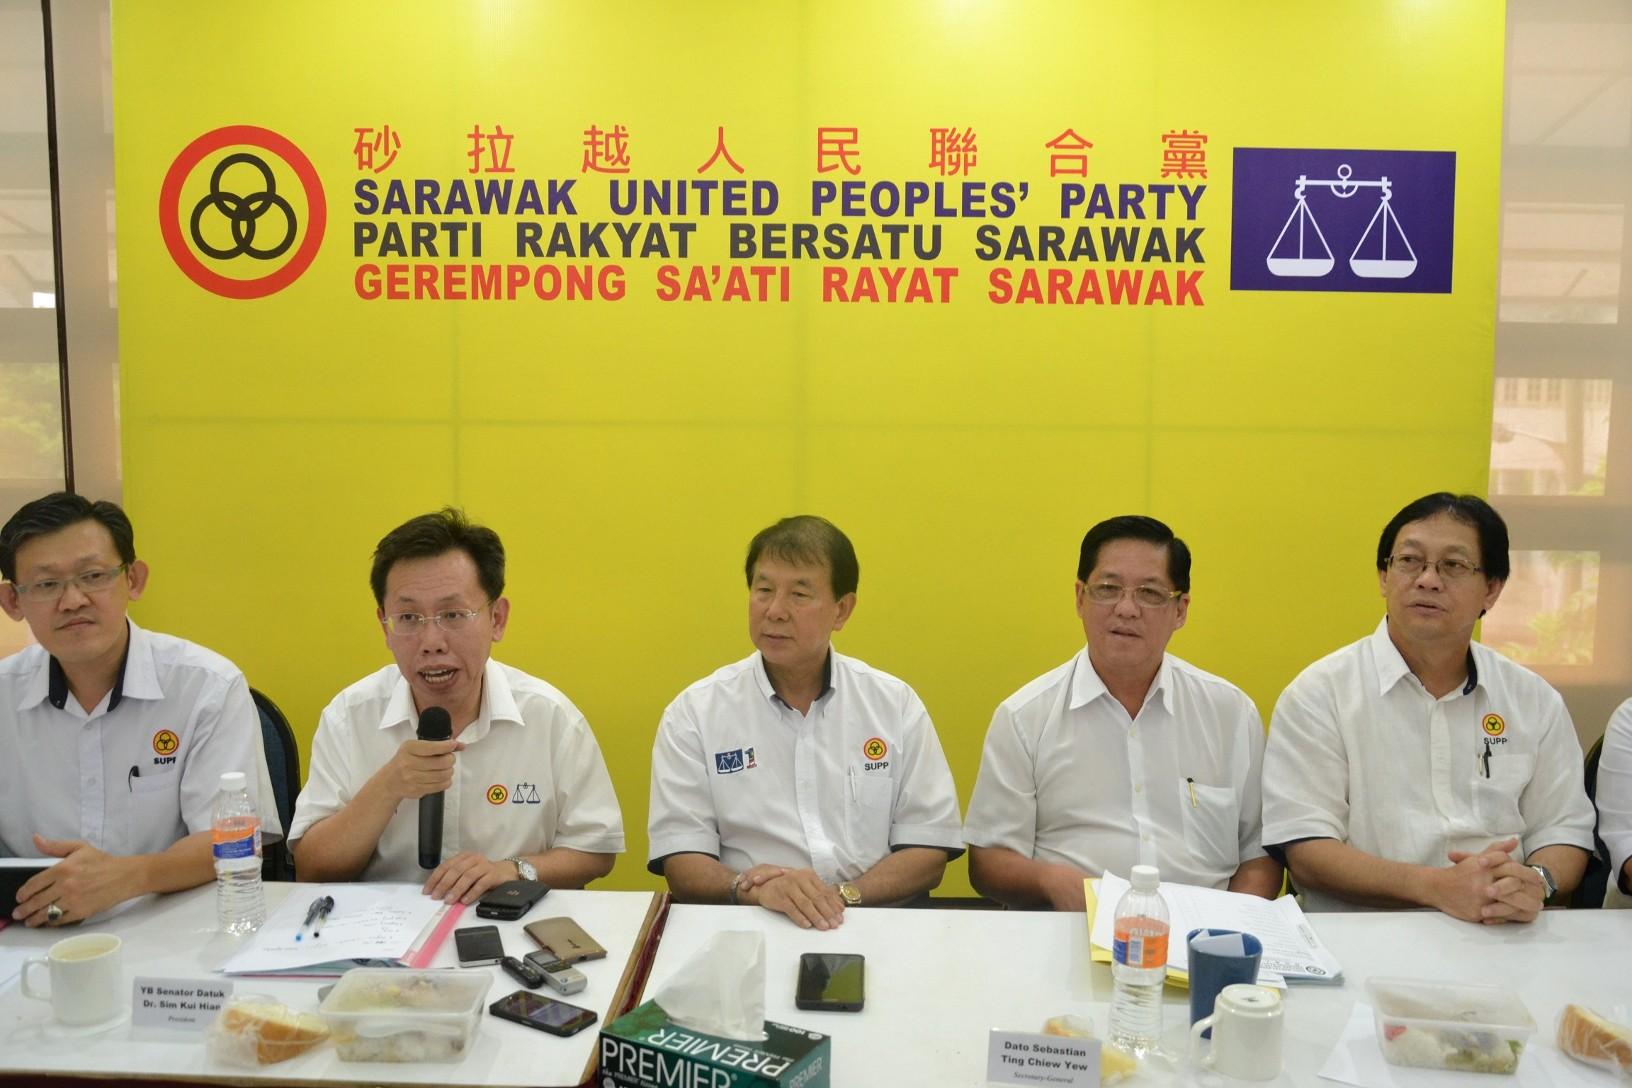 党主席沈桂贤在记者会上发言,左起为署理秘书长薛华东、沈桂贤、秘书长陈超耀、石角支部主席陈如飞及成邦江区州议员法兰西斯哈登。